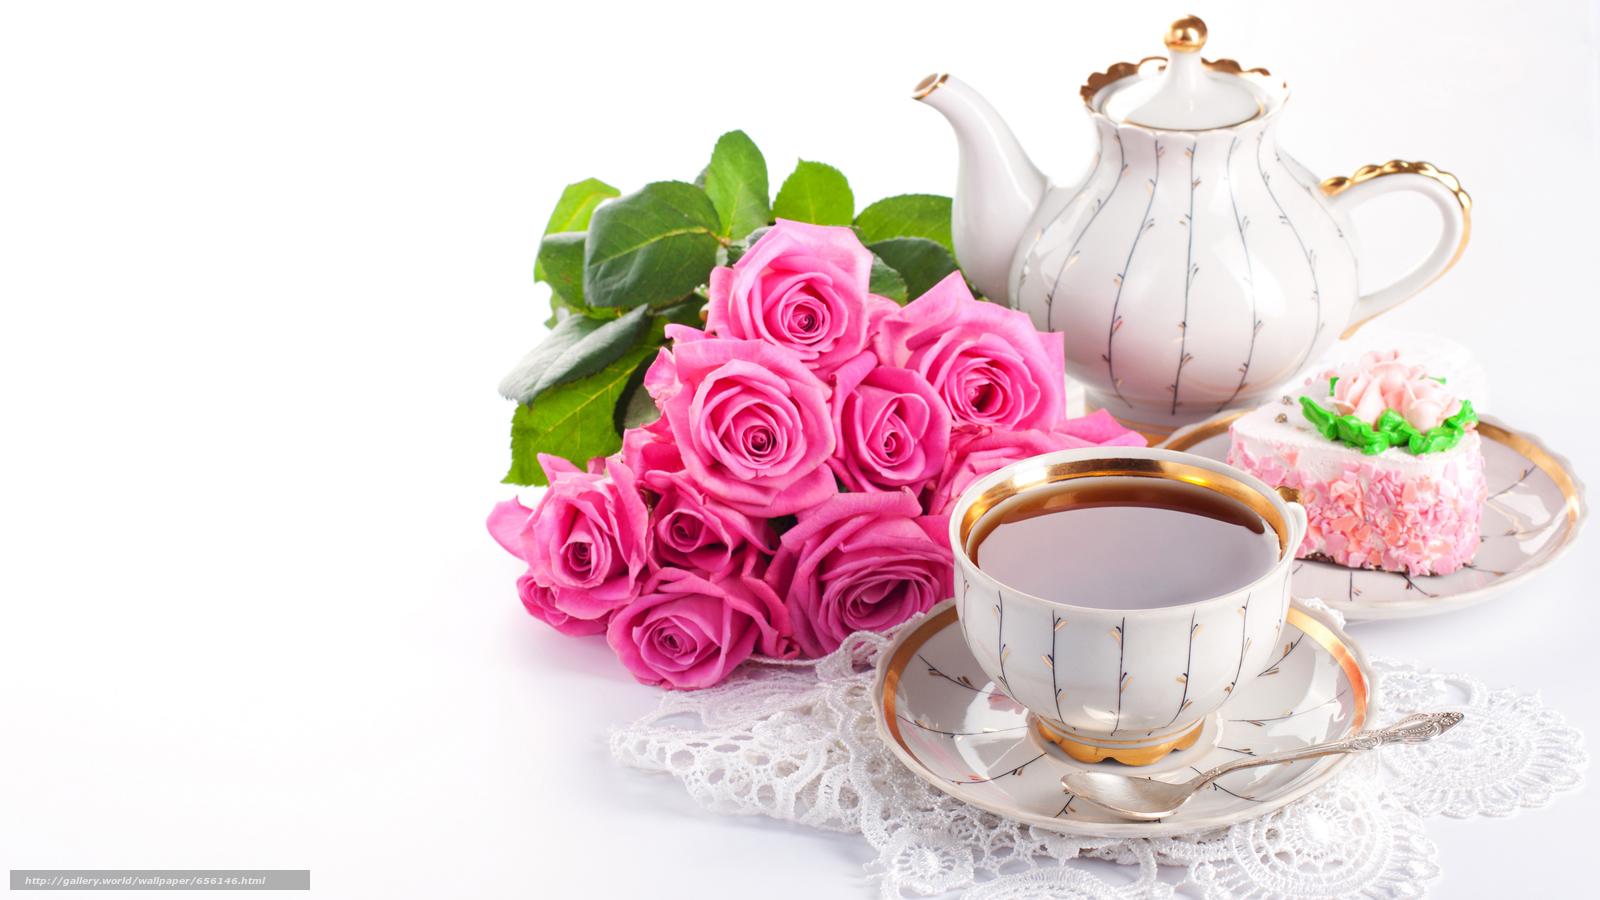 Скачать обои обои от Kisenok,  розы,  розовые,  цветы бесплатно для рабочего стола в разрешении 4752x2673 — картинка №656146